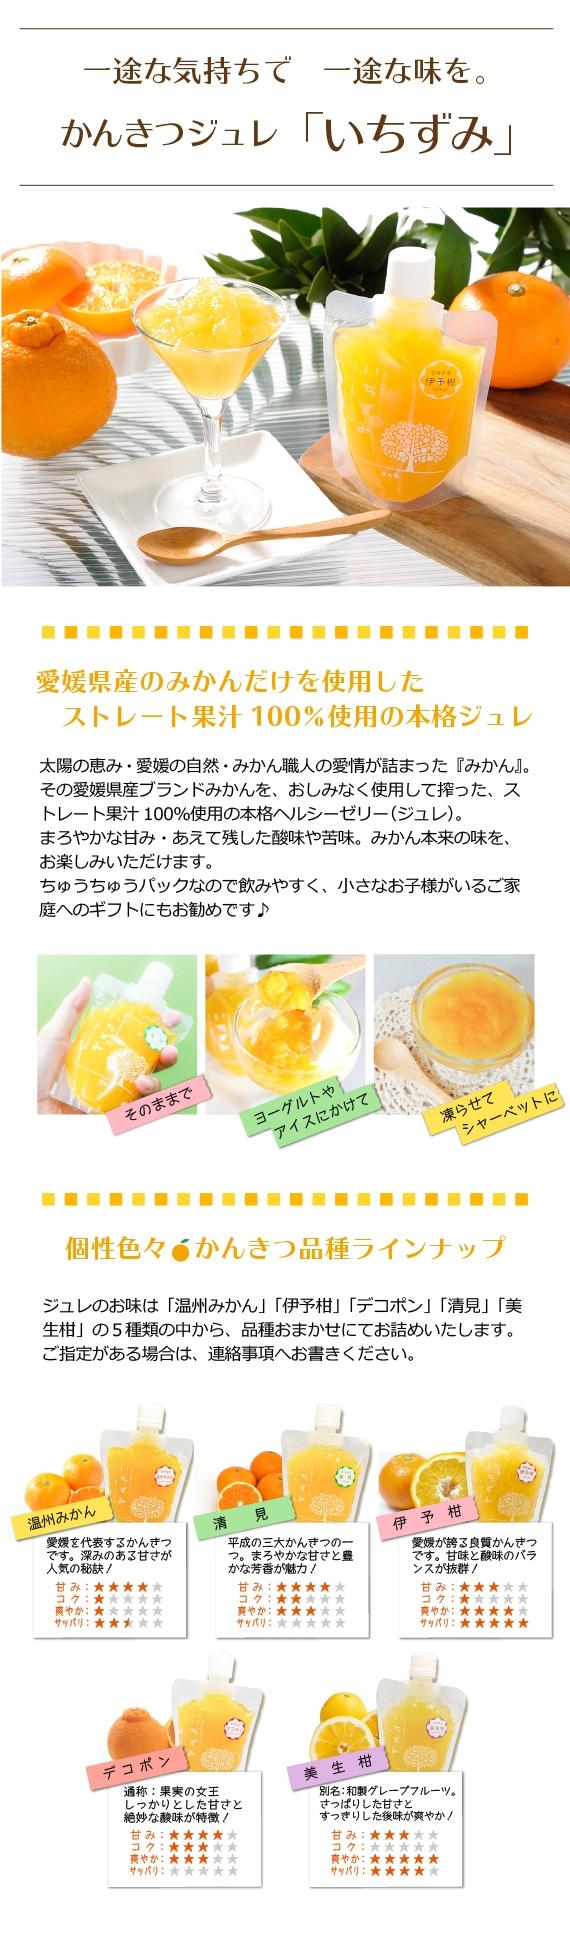 愛媛県産 こだわりみかんジュレ『いちずみ』(8個入り) 化粧箱入り・ちゅうちゅうゼリー